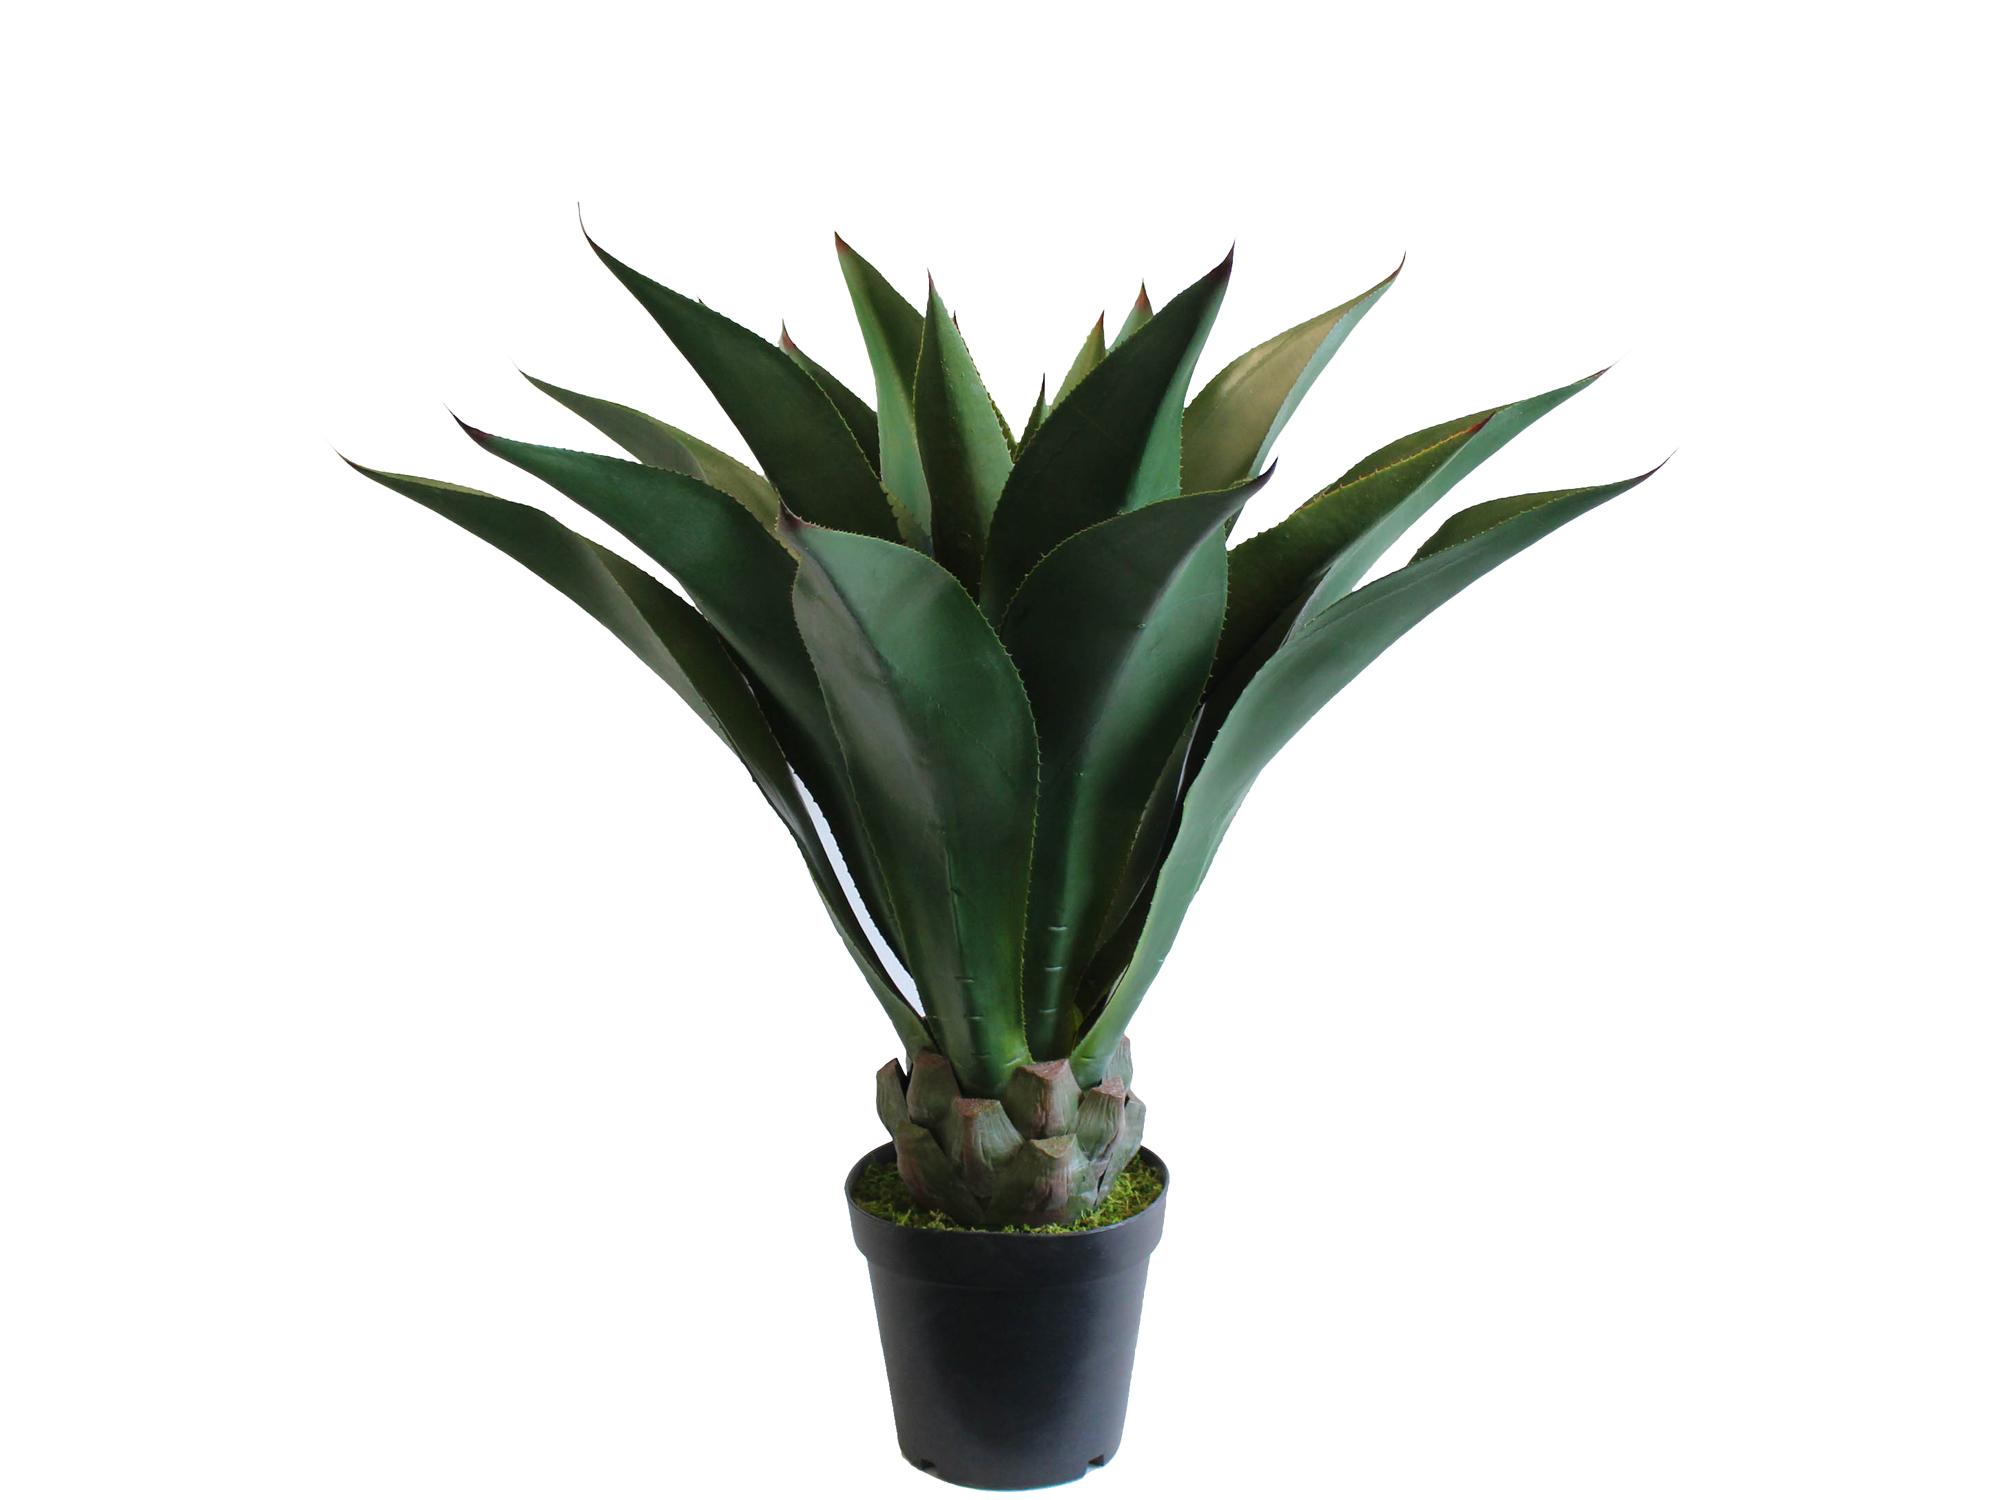 Pianta grassa verde art jf12010644 misure h 95cm gallo for Catalogo piante e fiori